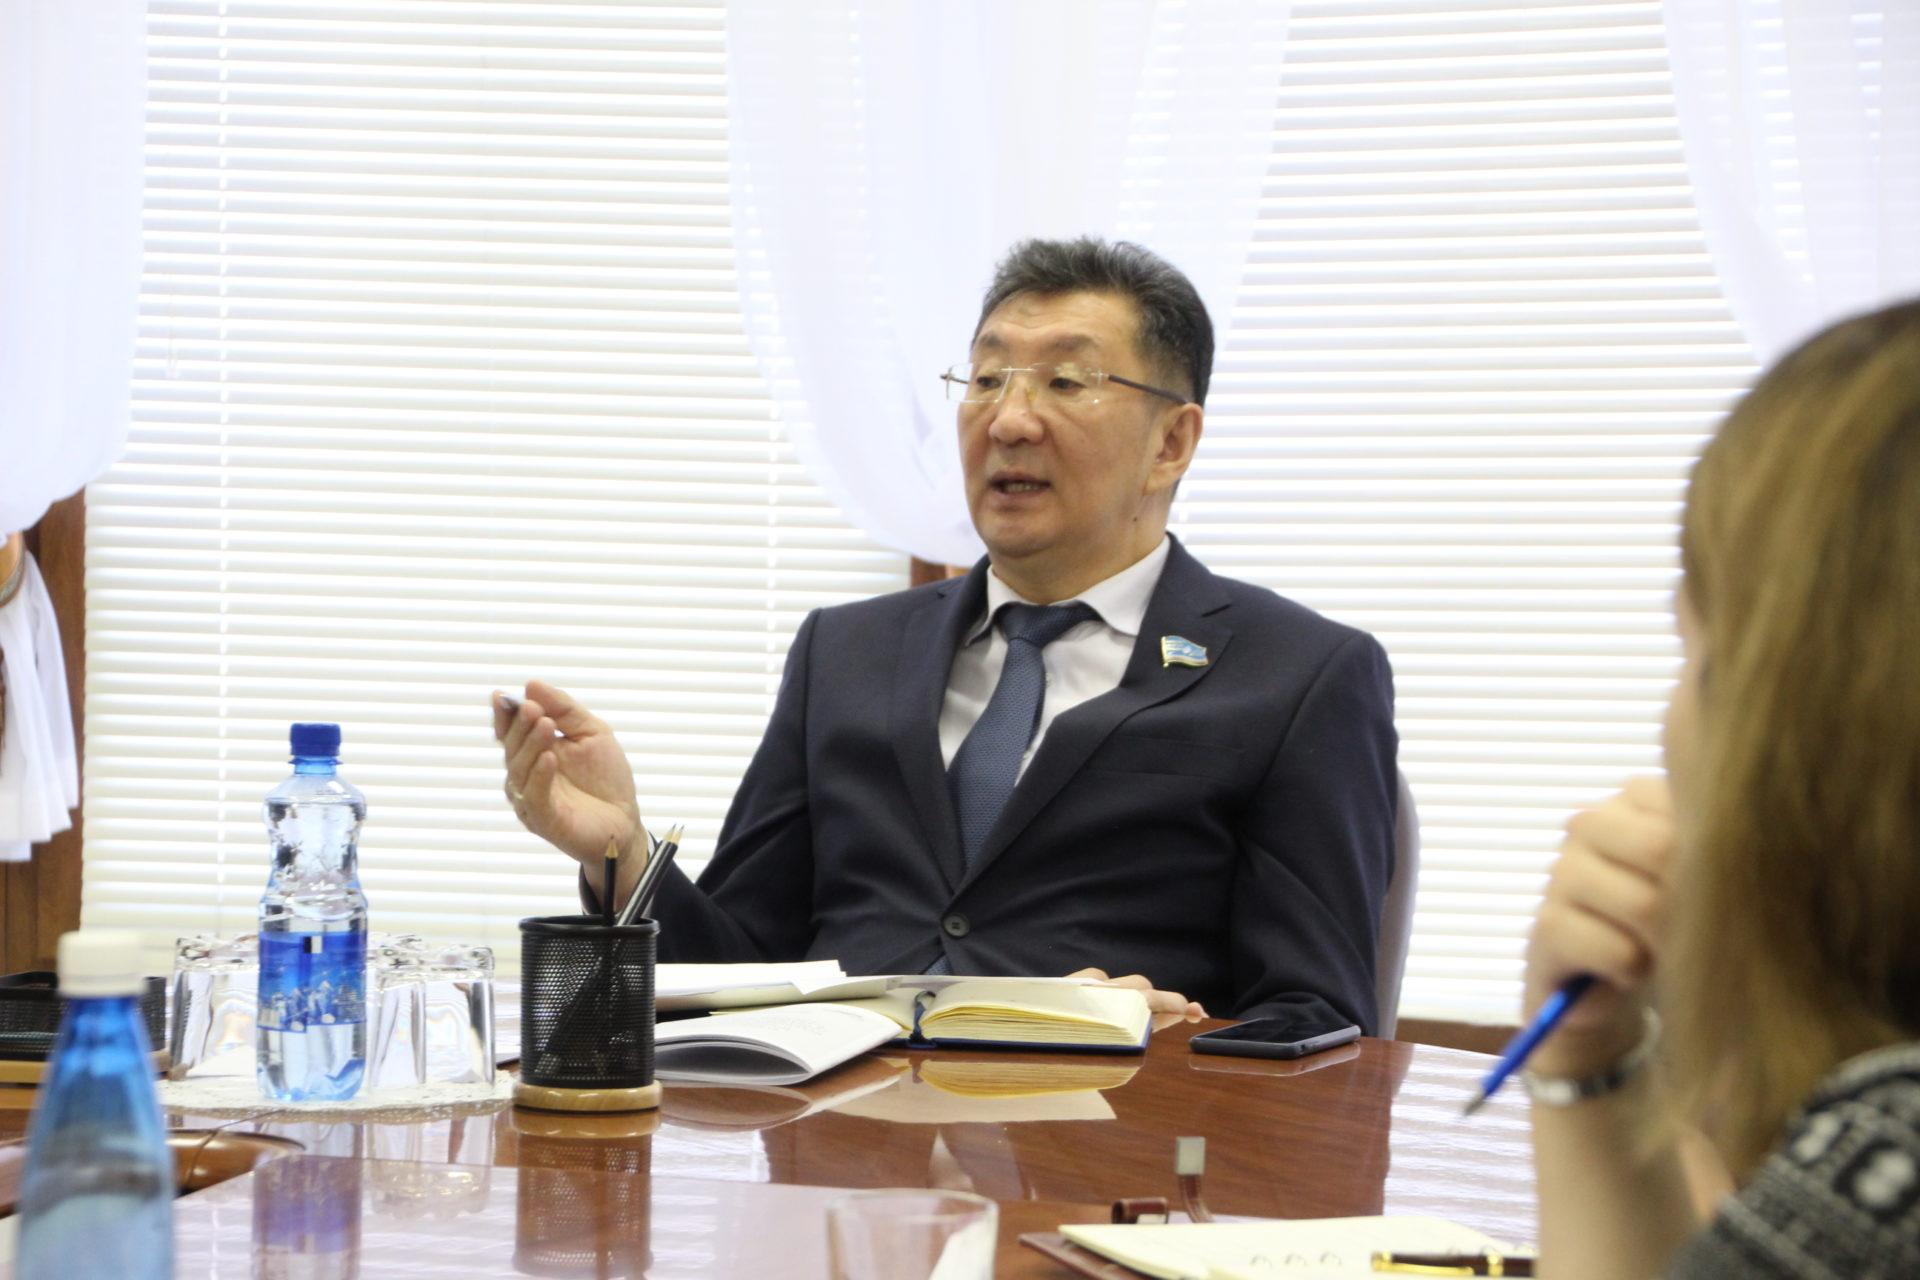 Ан-2, совершивший жесткую посадку в Кобяйском районе, принадлежал шурину депутата Чичигинарова